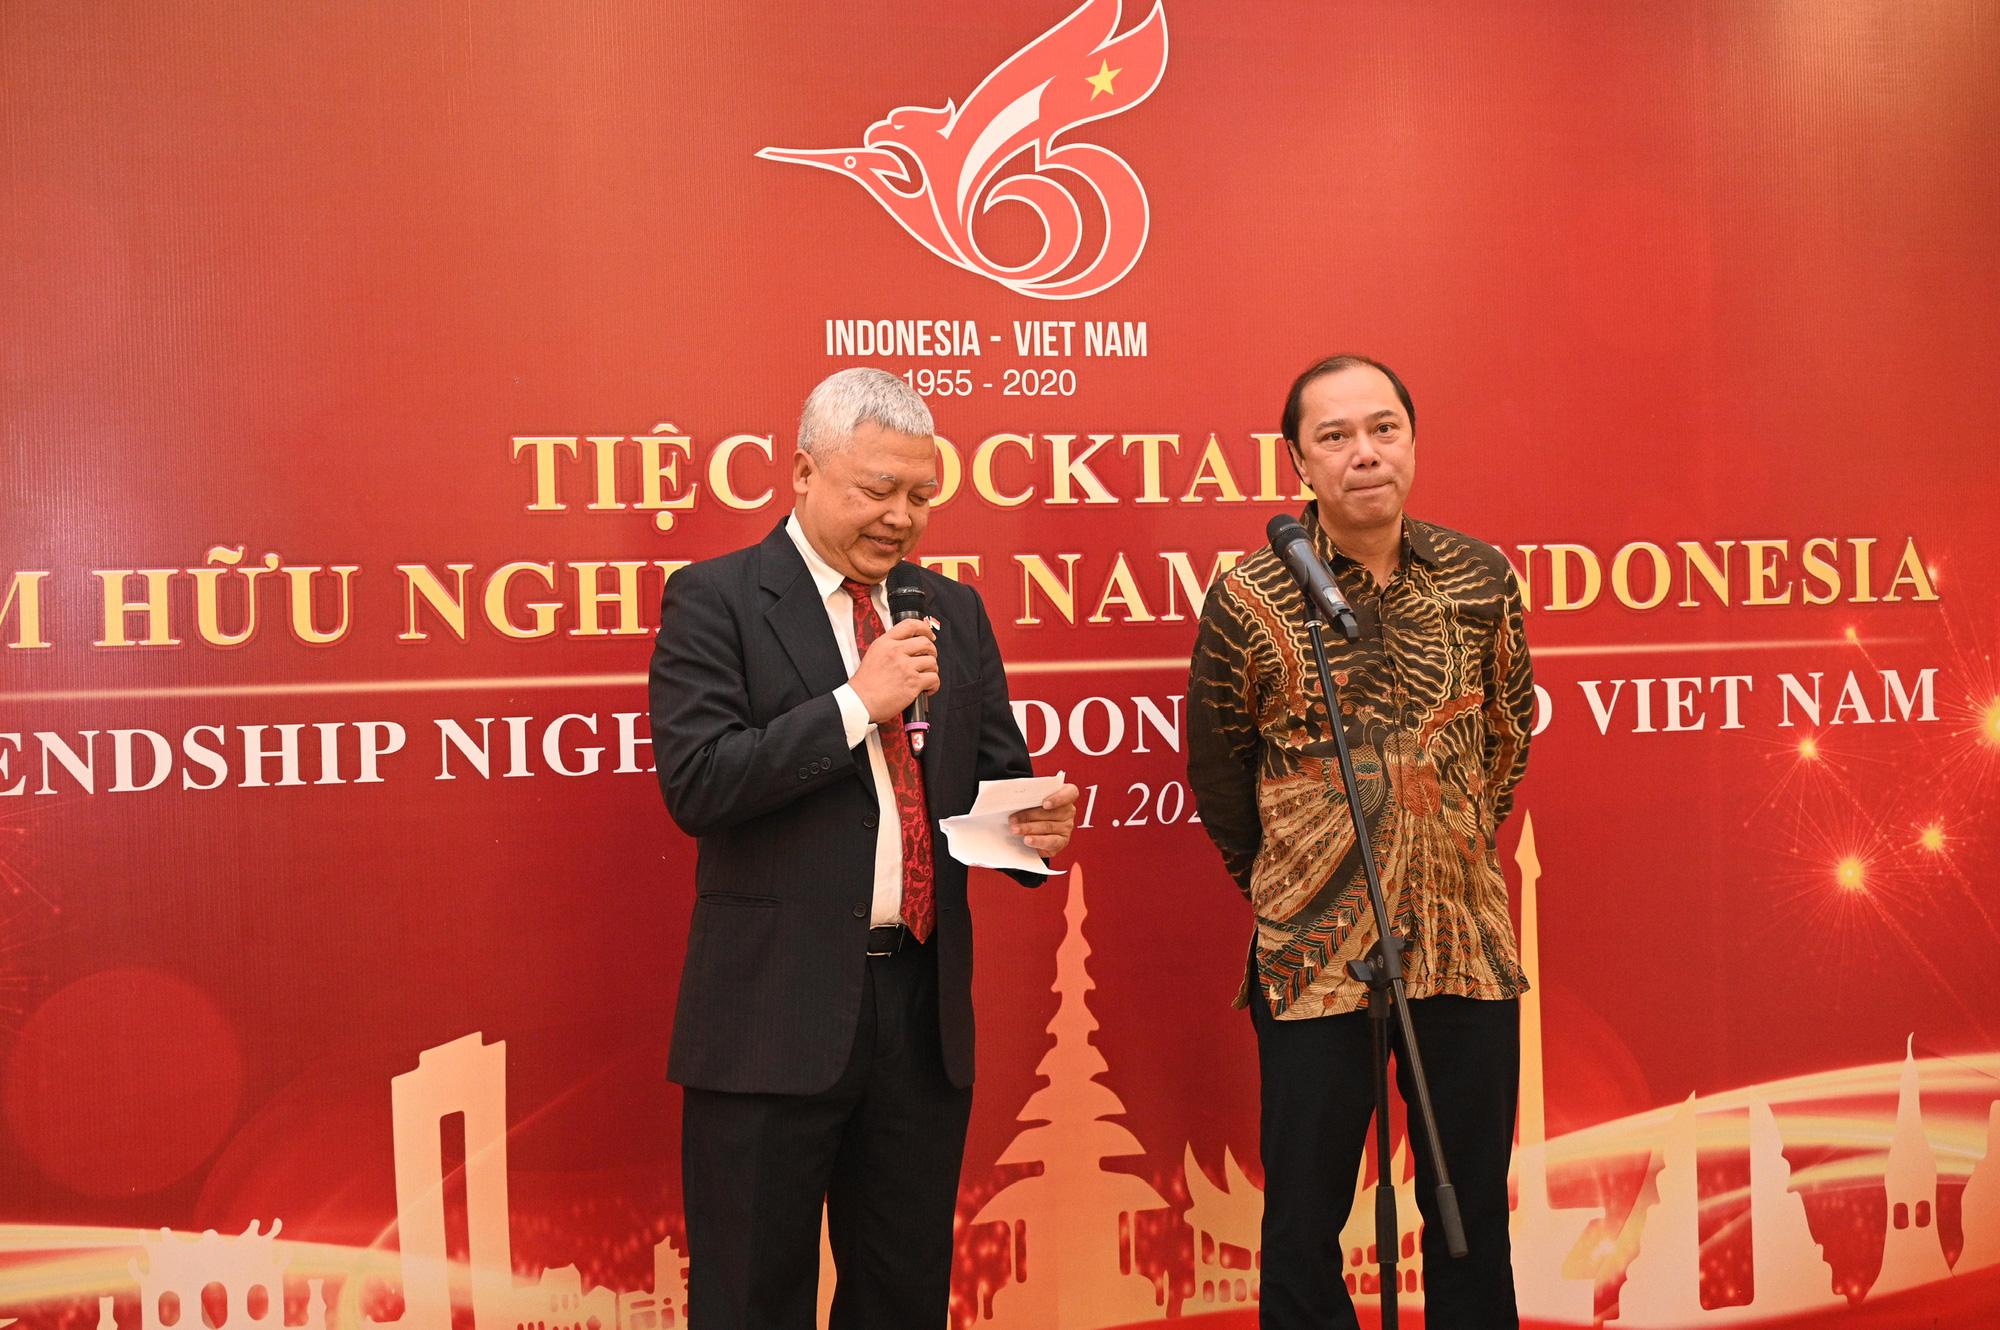 Đêm Hữu nghị Việt Nam - Indonesia - Ảnh 7.